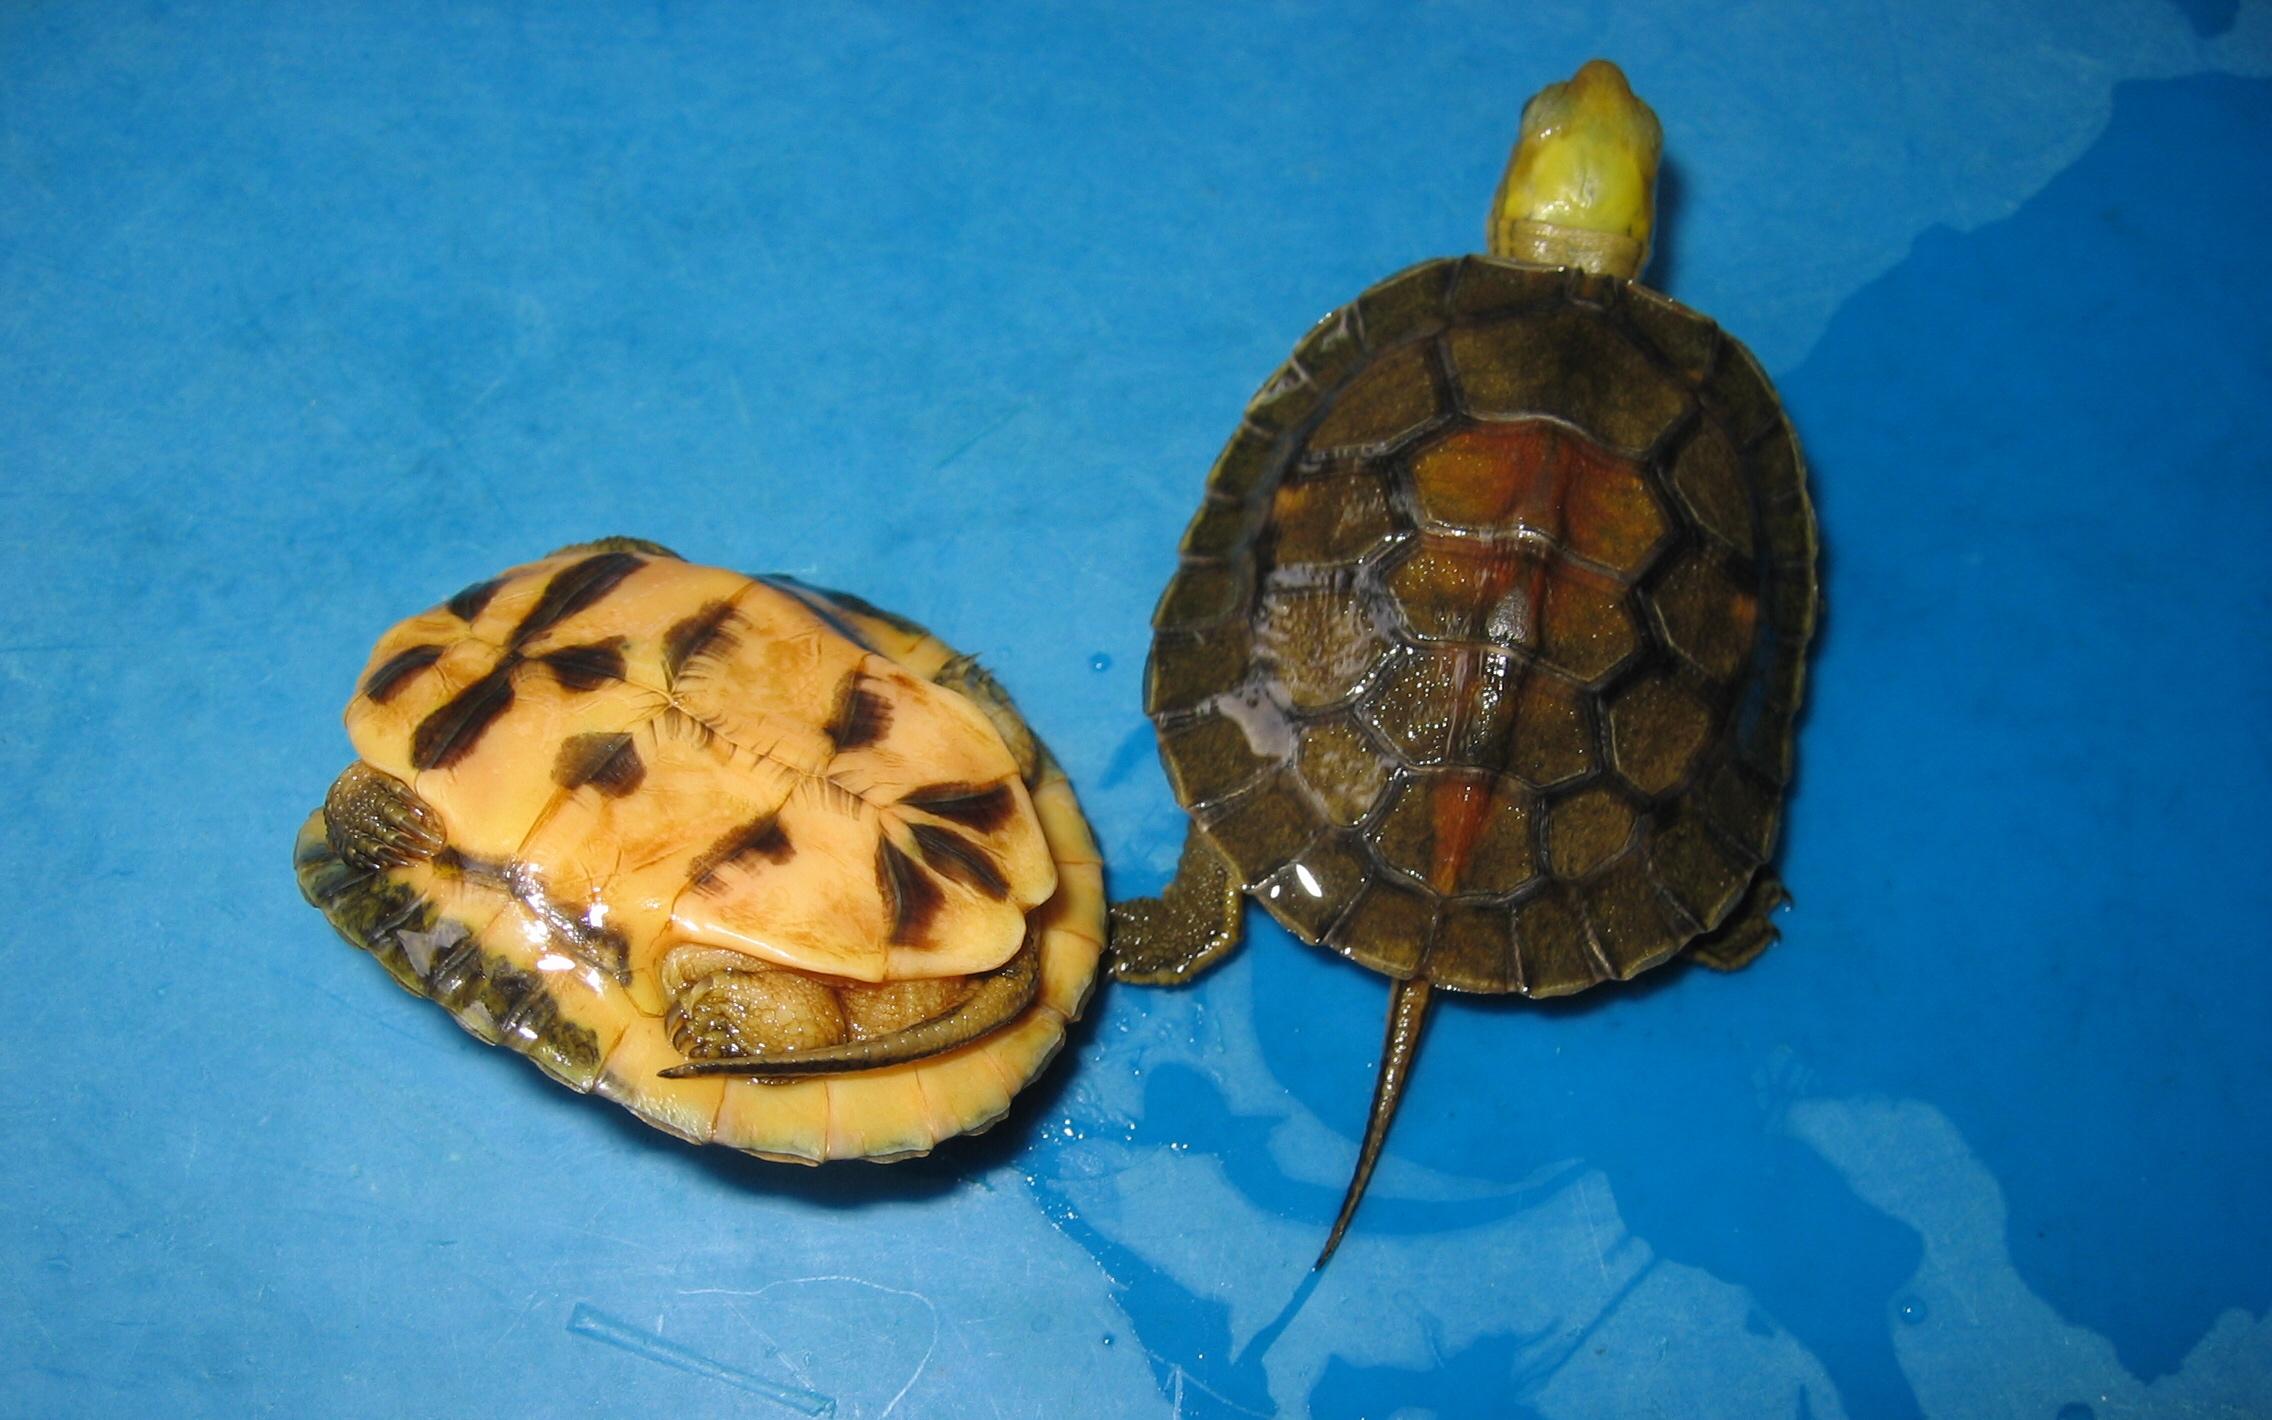 百色闭壳龟几年能繁殖 百色闭壳龟多少年成熟